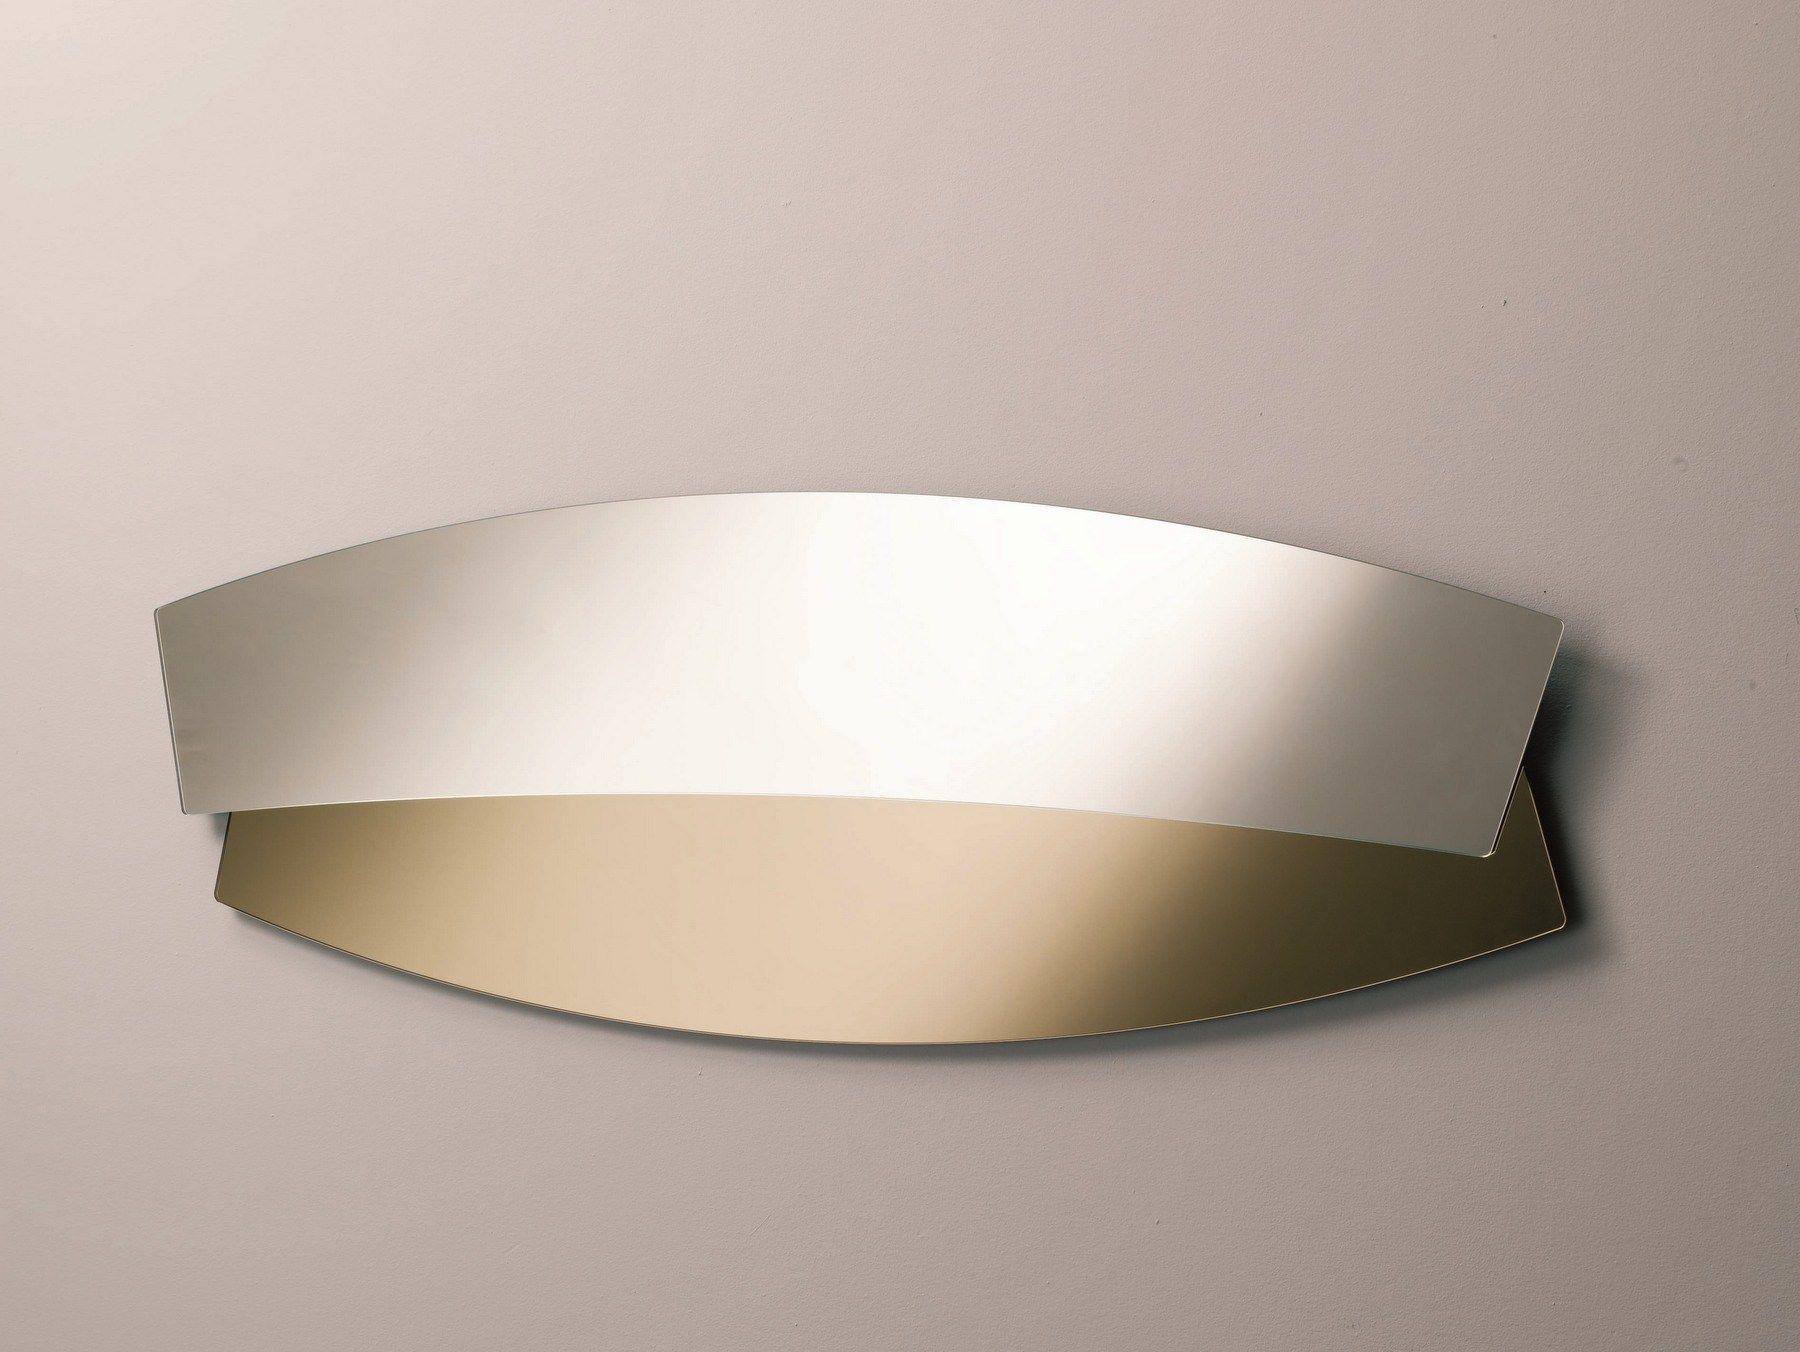 Specchio in stile moderno a parete double by bontempi casa design ...